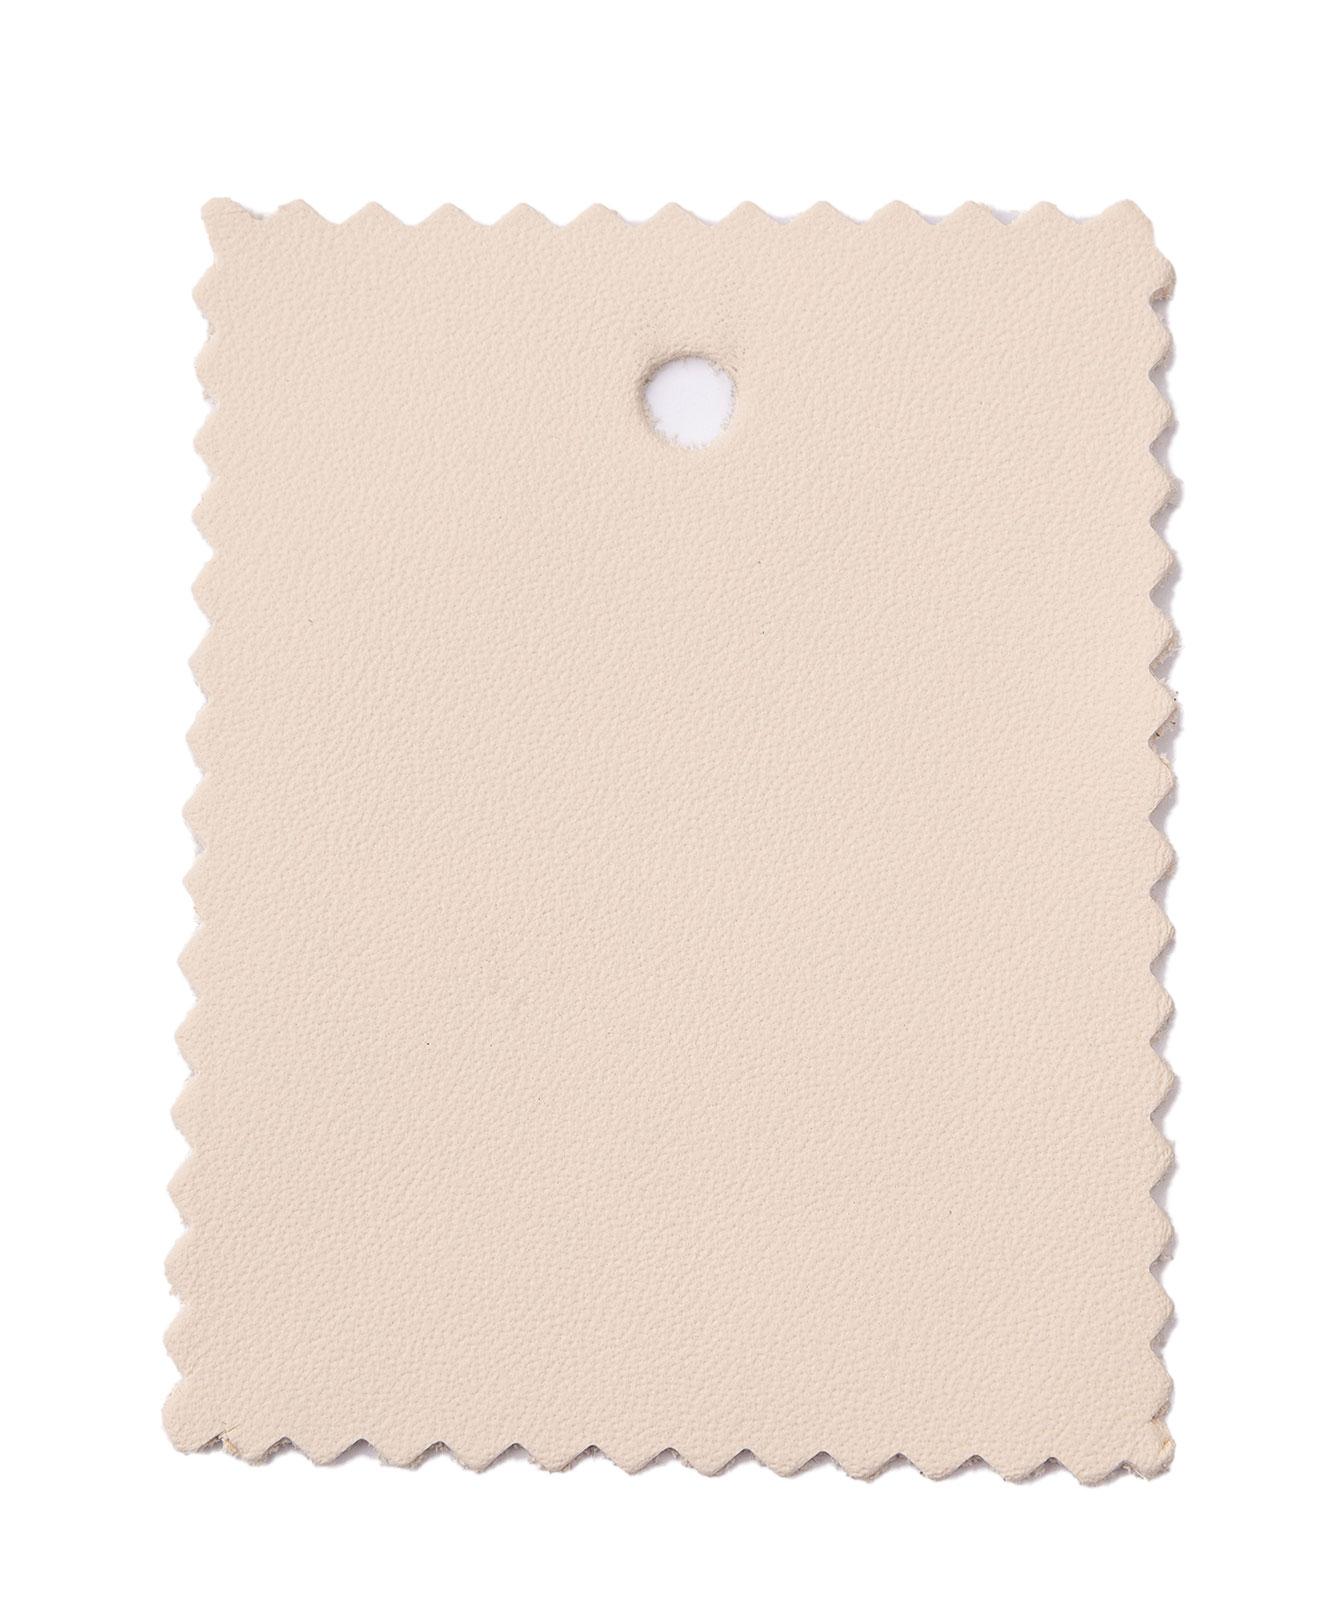 Abbildung porsche-nappa-creme